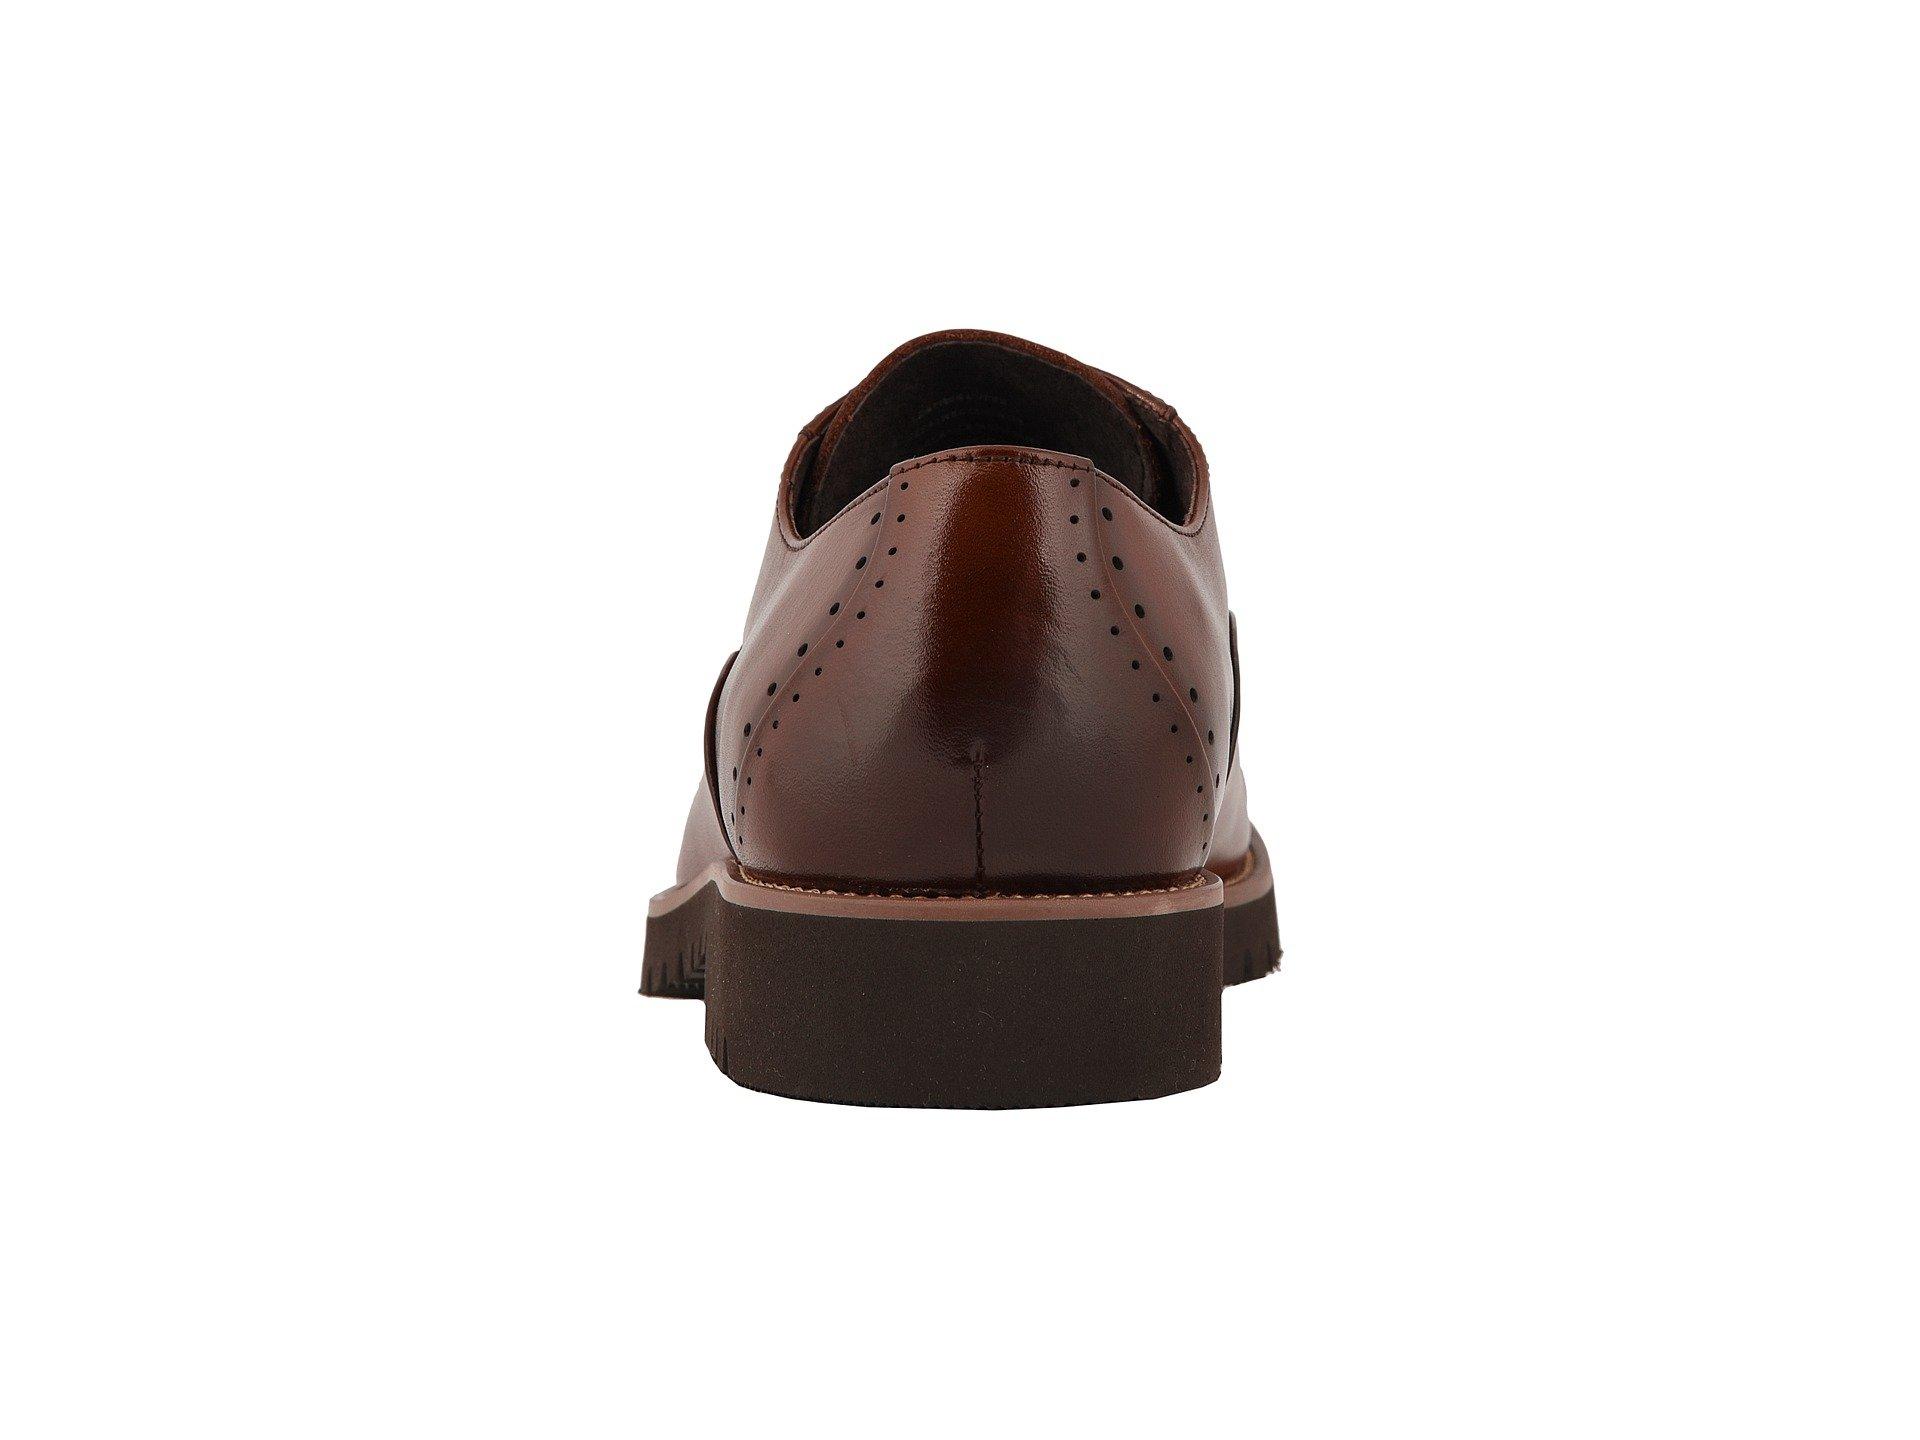 Adams Toe Stacy Cap Barcliff Cognac Oxford Lace Up w4nSPdFxq